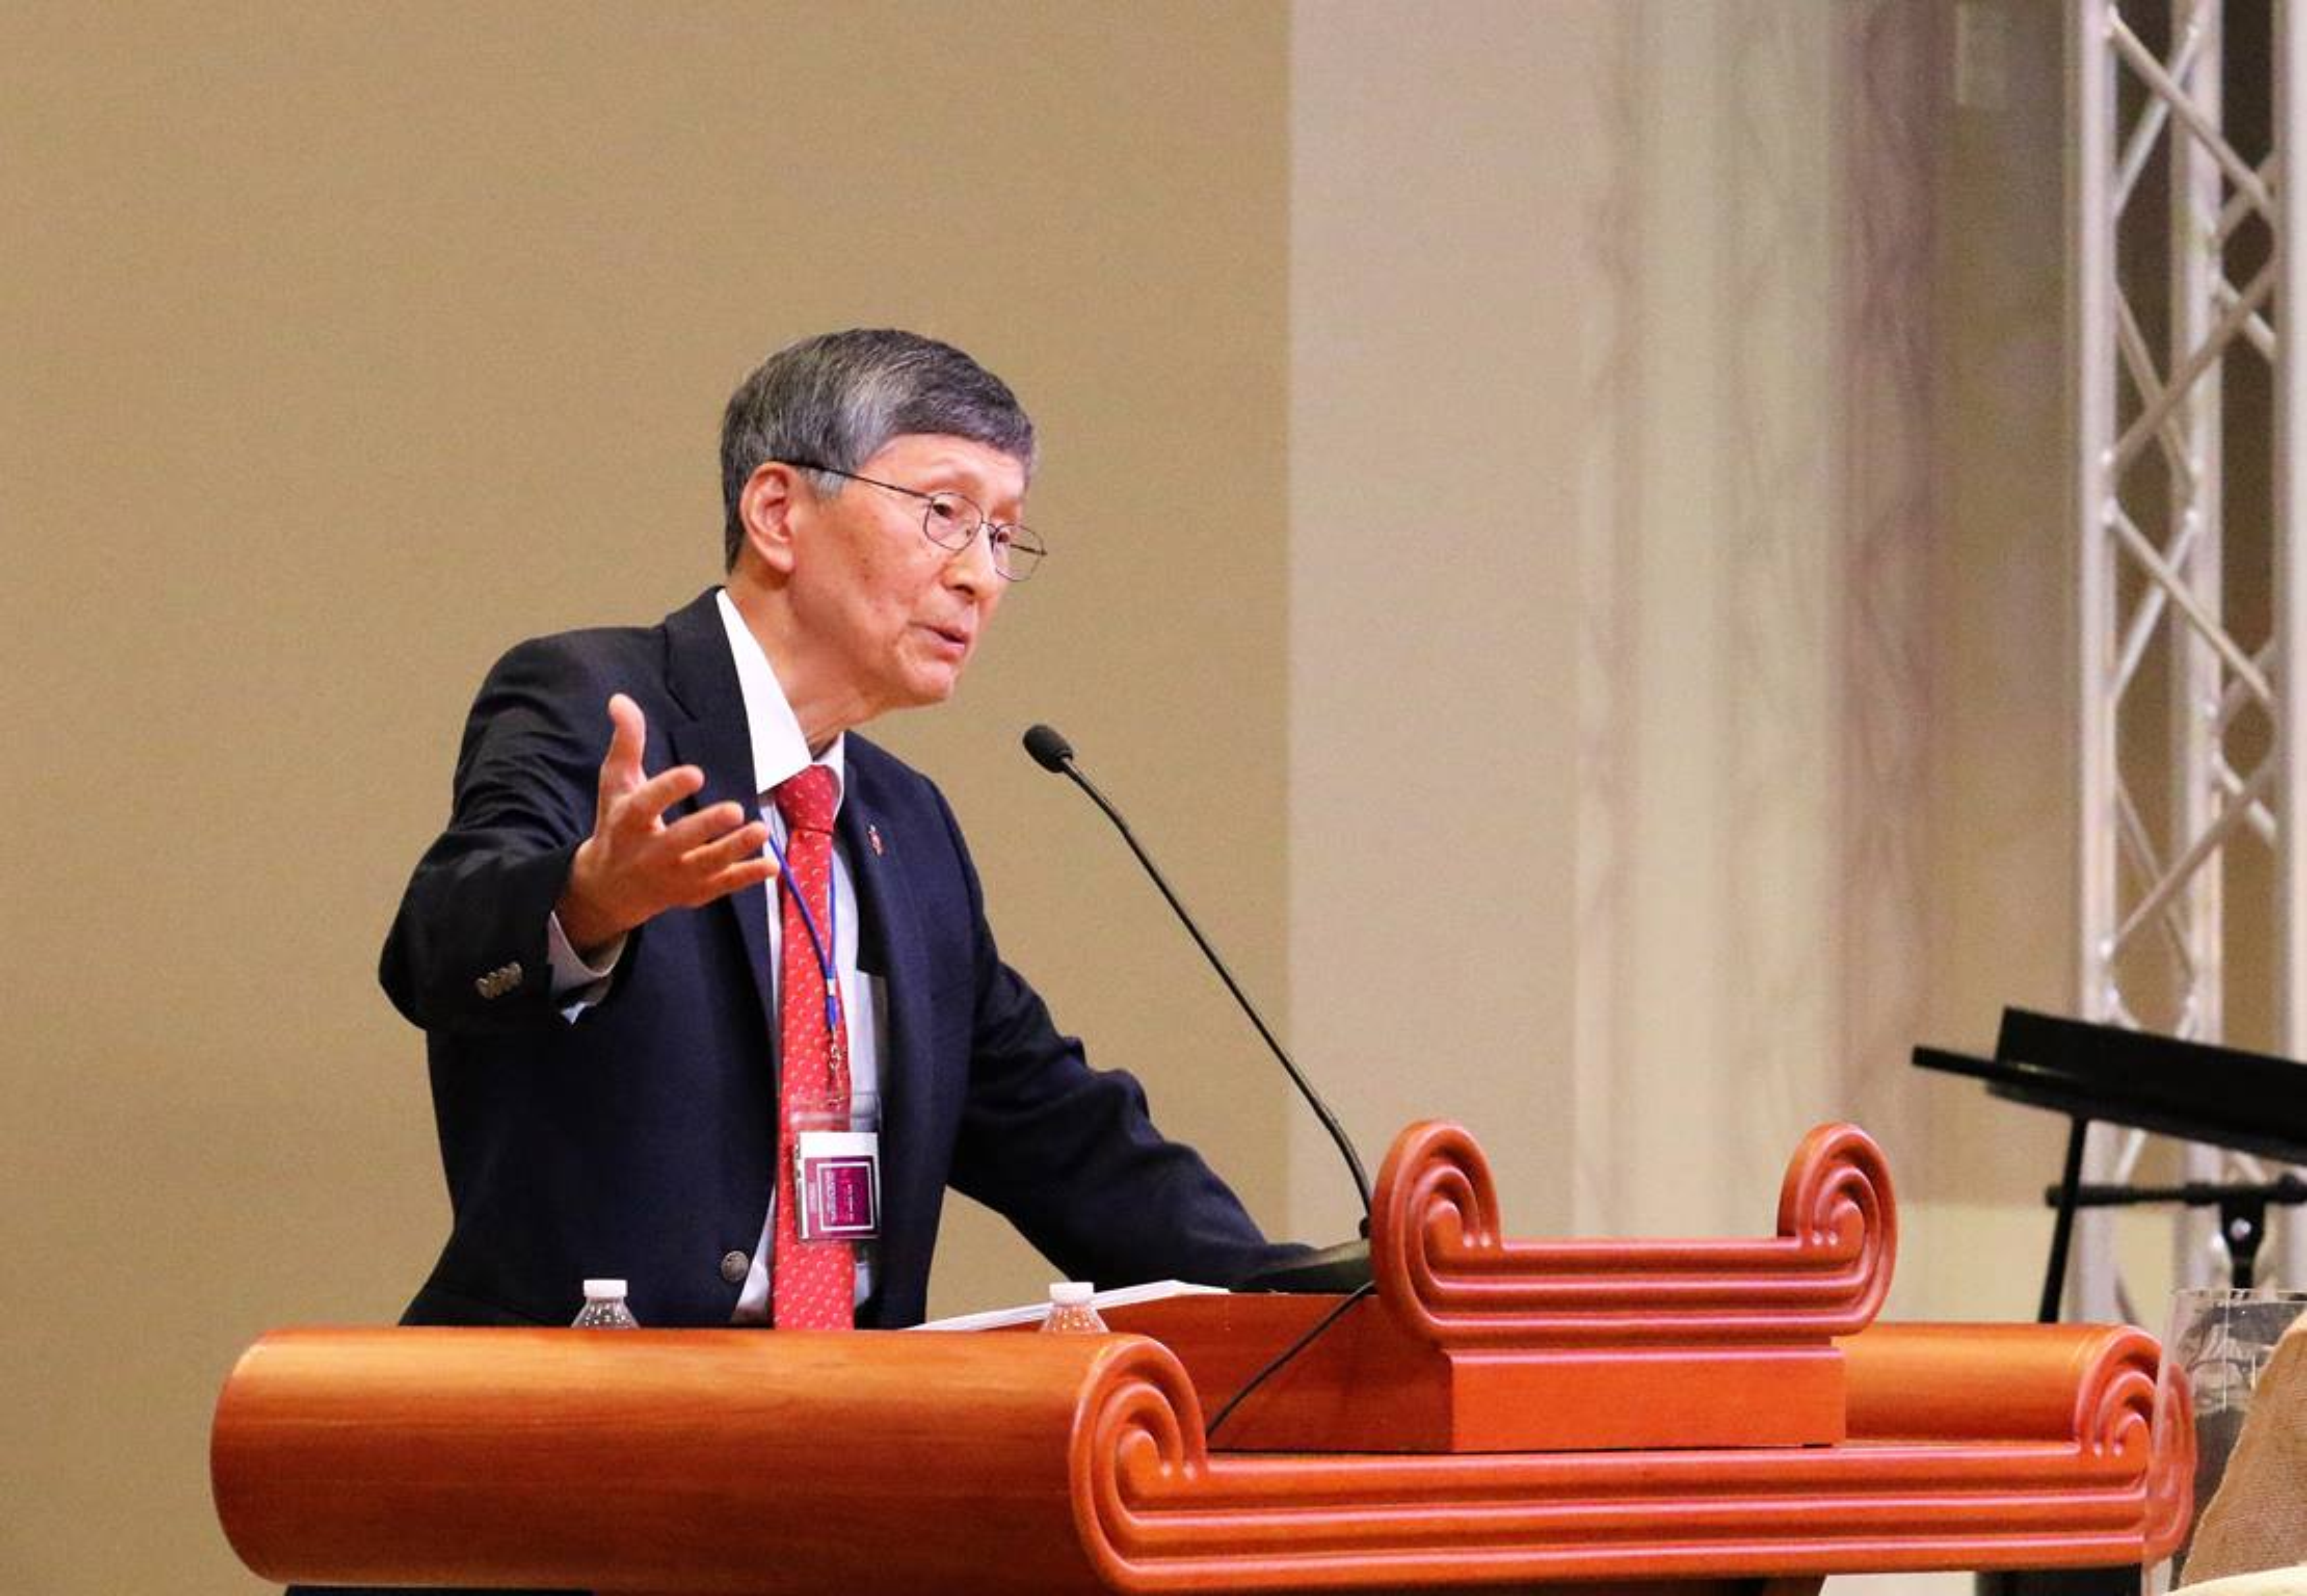 조영진 감독이 2019년 한인총회에서 특강을 하고 있다. 사진 김응선 목사, UMNS.